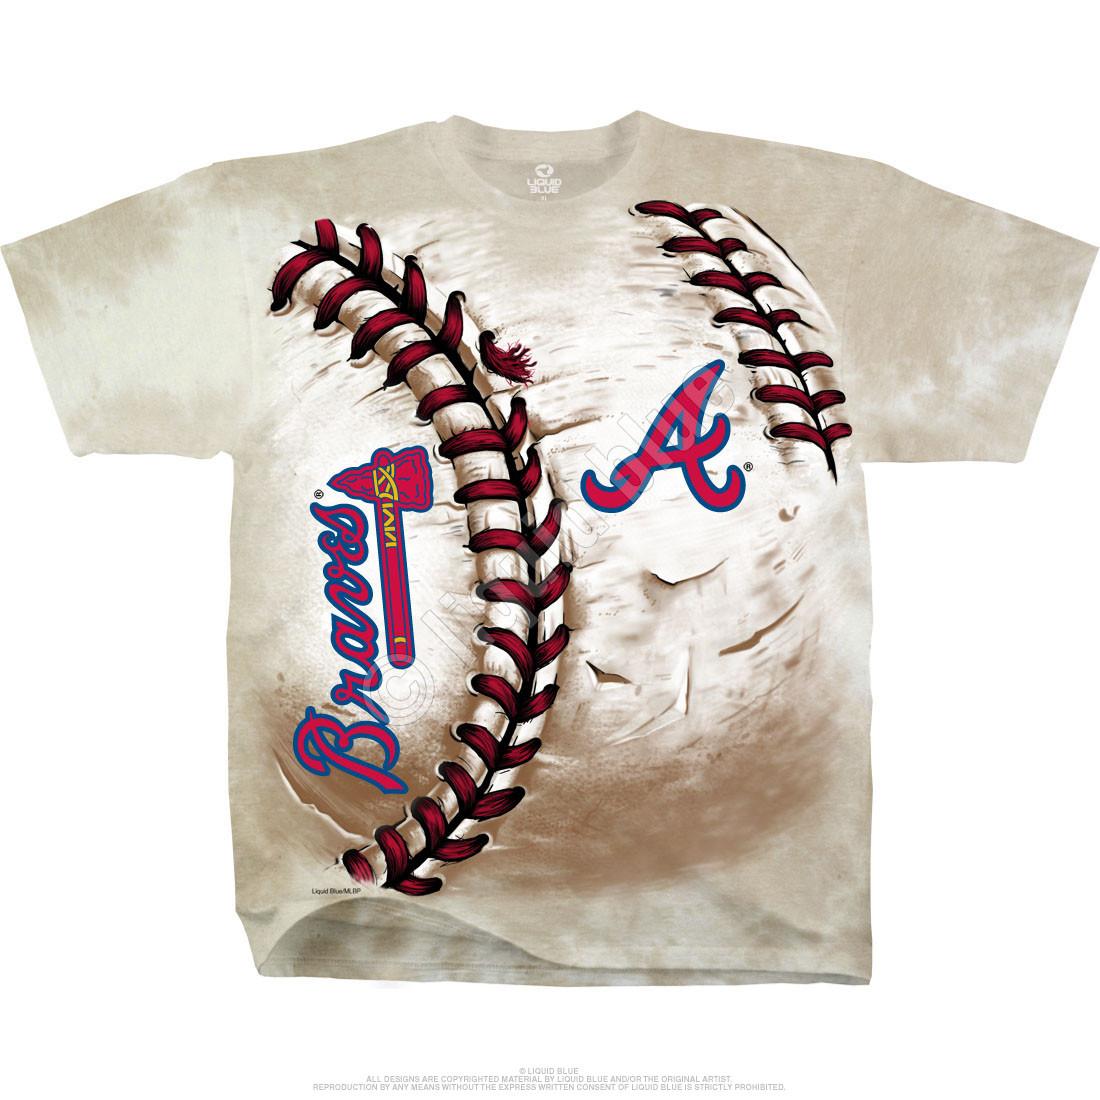 Atlanta Braves t-shirt with Atlanta Braves baseball written on front